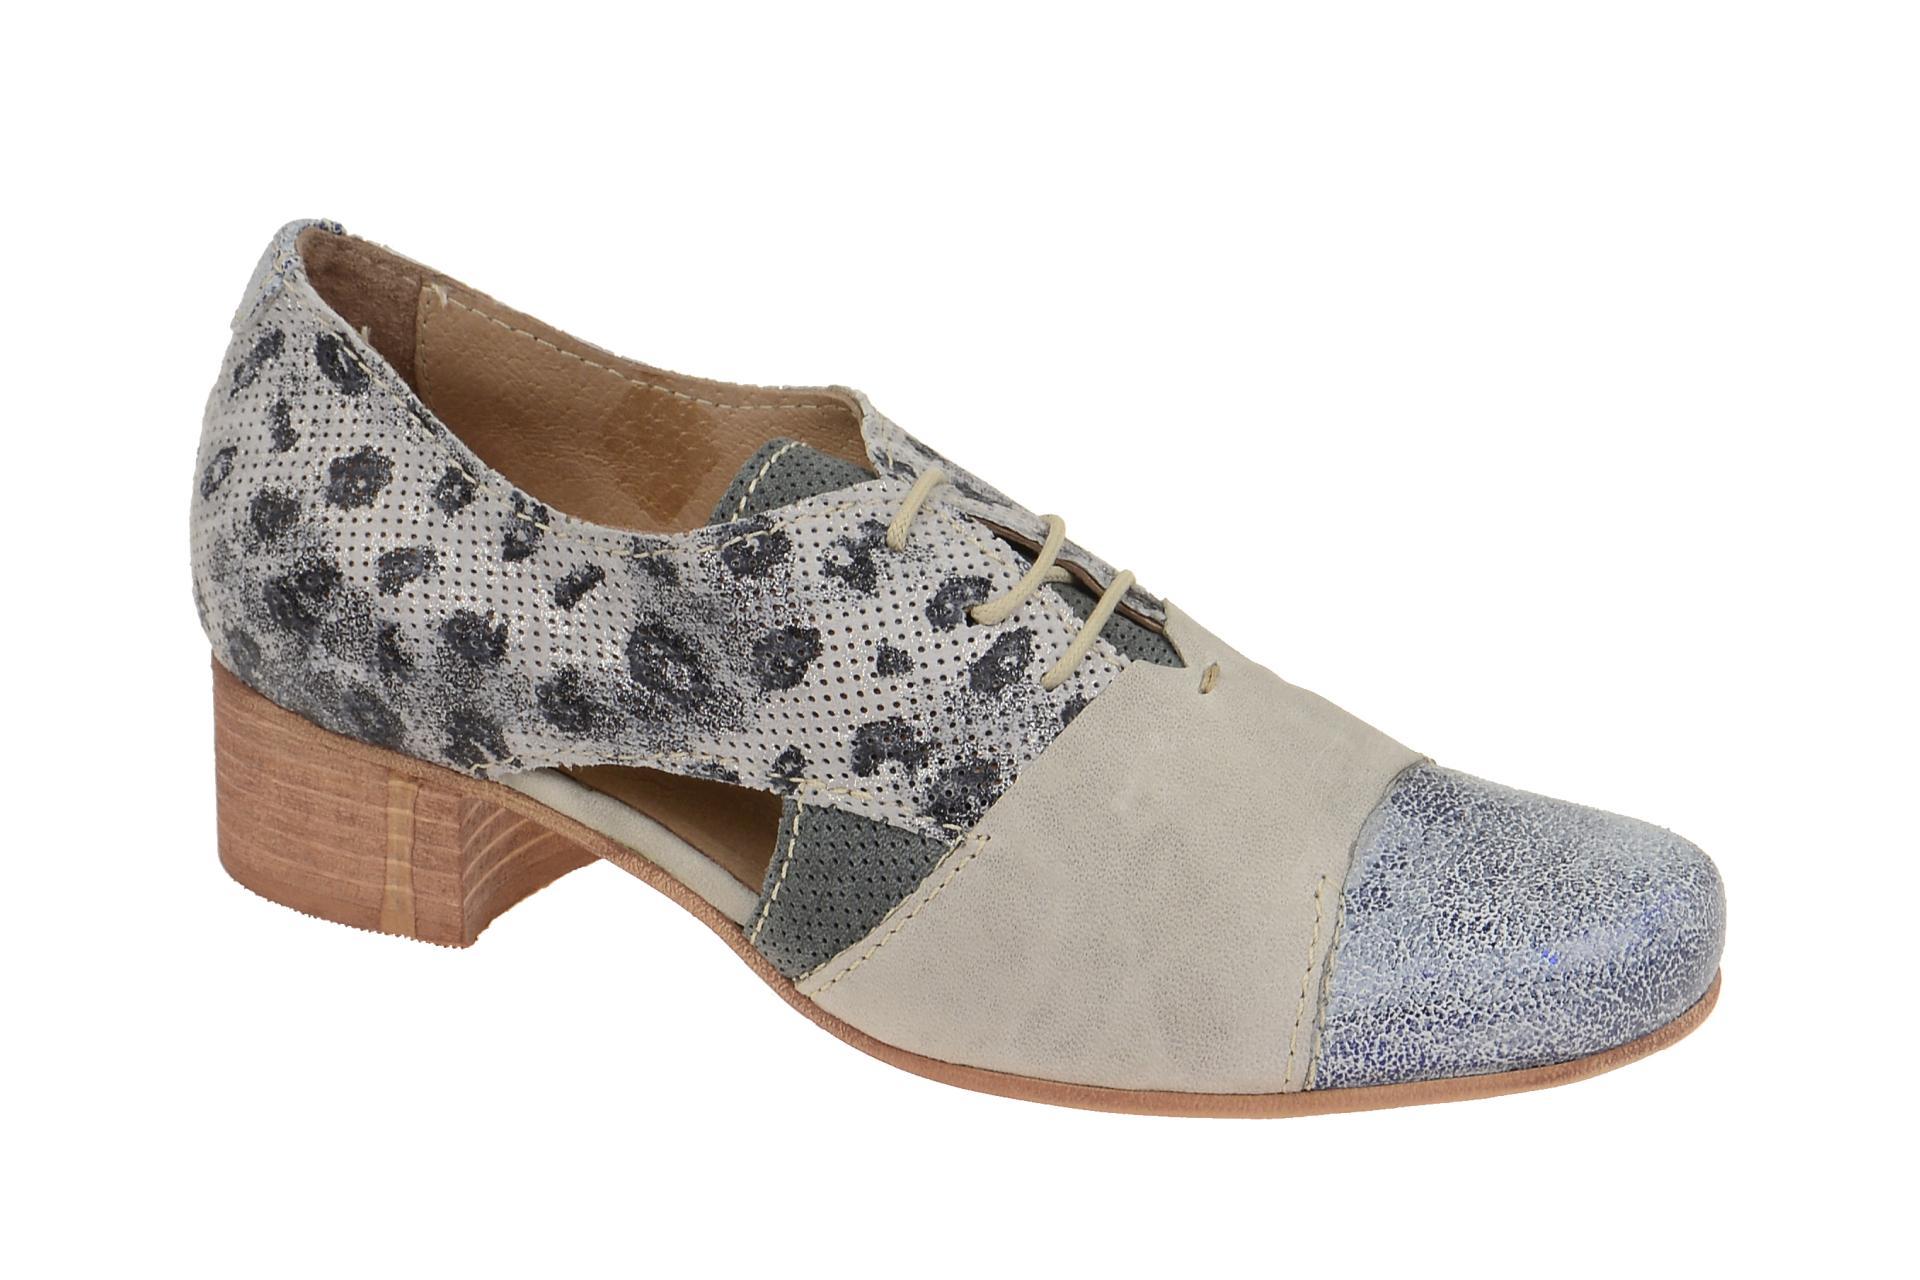 500a12ead2f4e6 CHARME Schuhe online kaufen - Schuhhaus Strauch